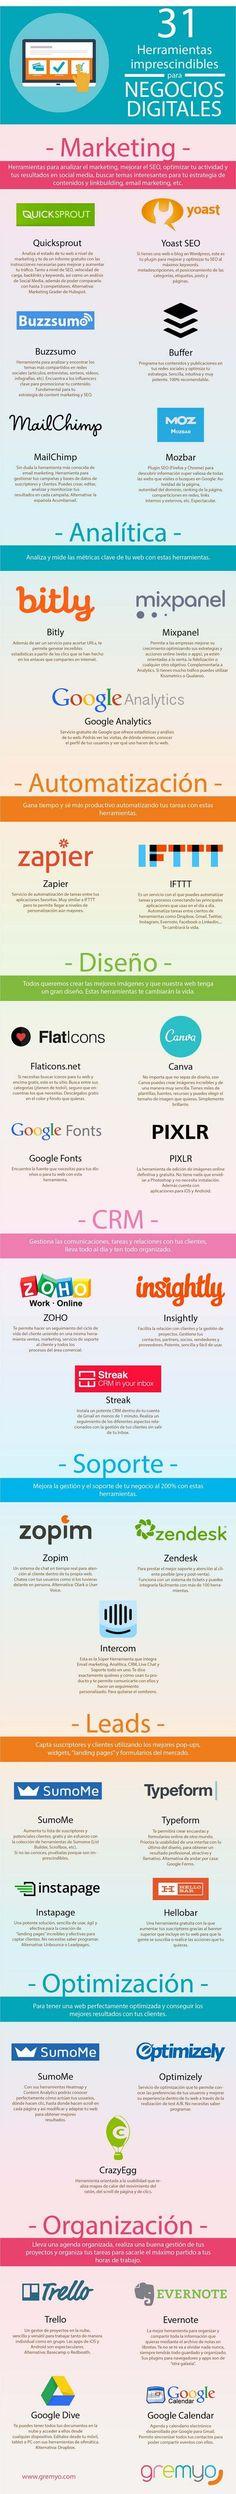 Más de 30 herramientas para gestionar startups, plataformas de contenido y hasta blogs